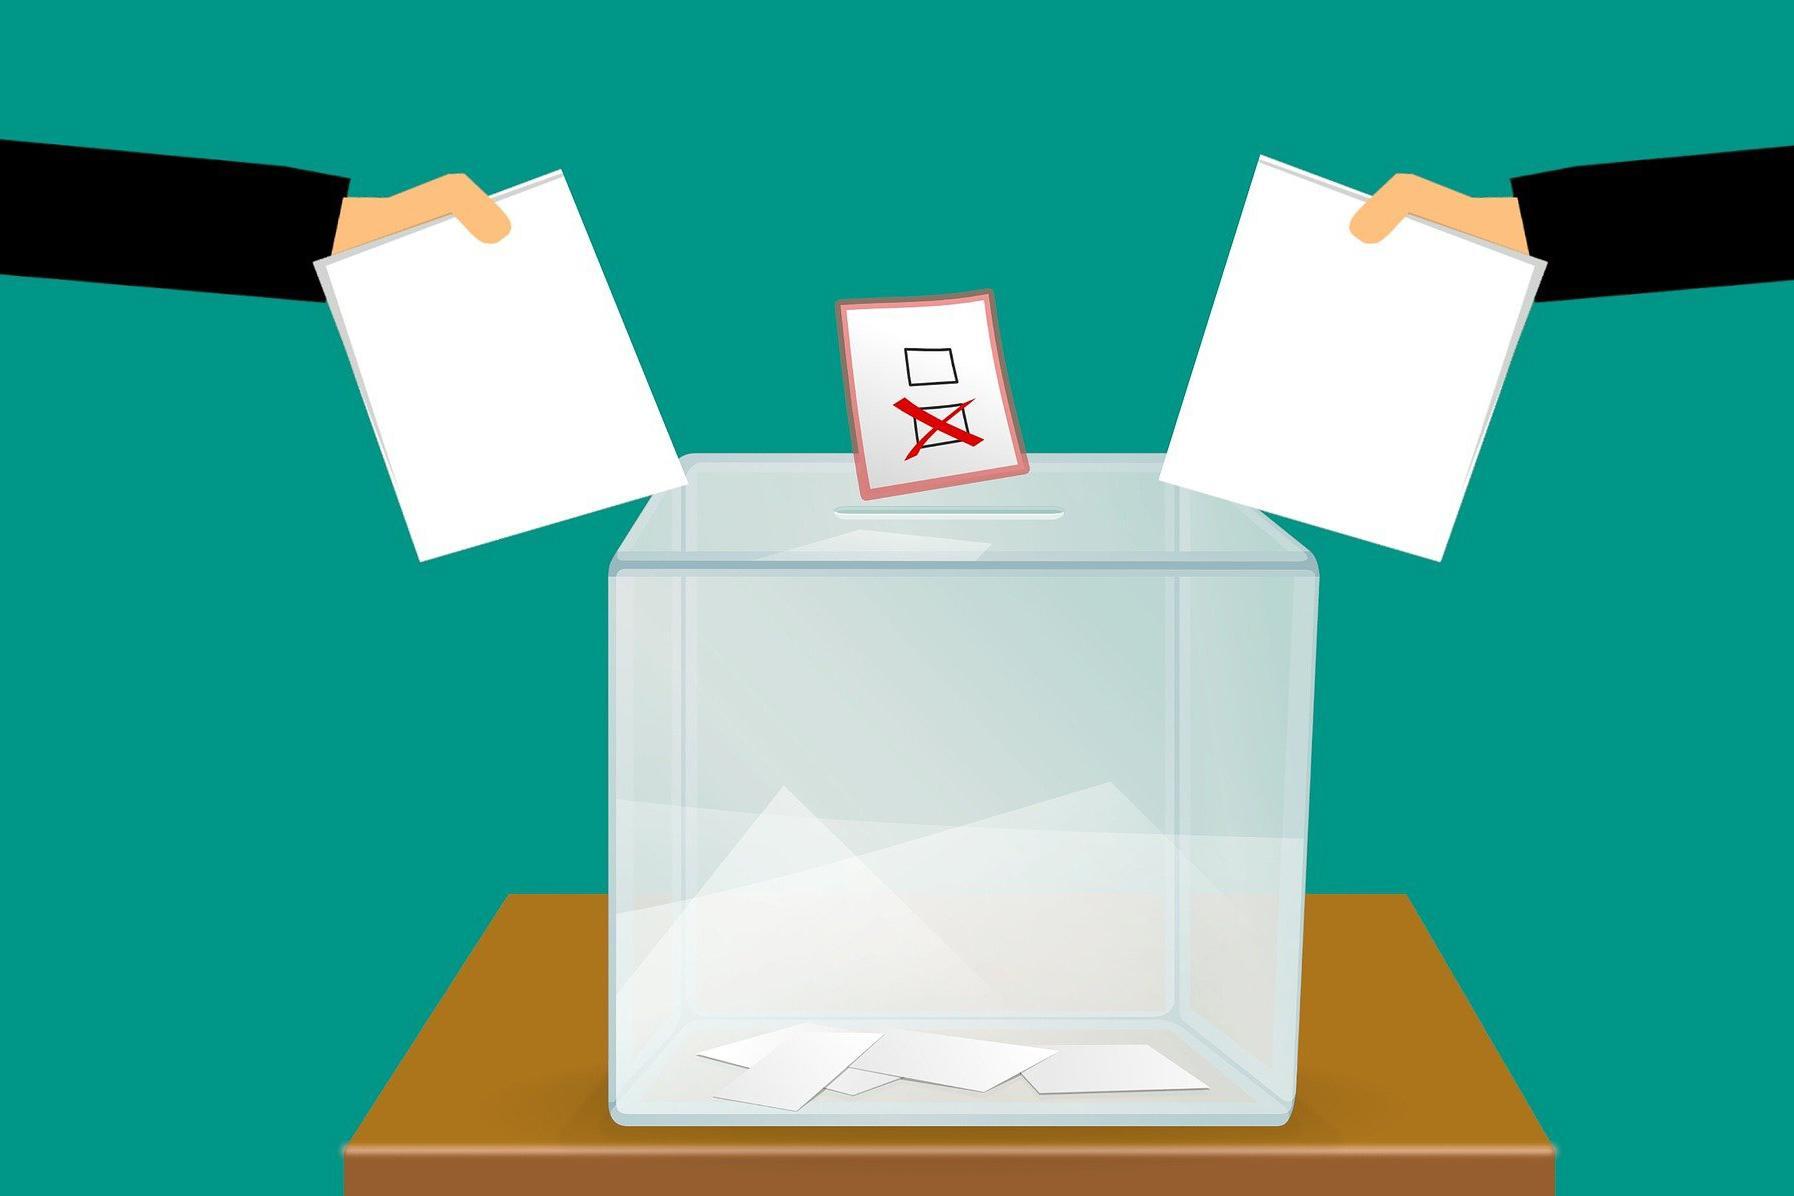 Bild Abstimmung Stimmzettel Box, Quelle: Bild von mohamed Hassan auf Pixabay